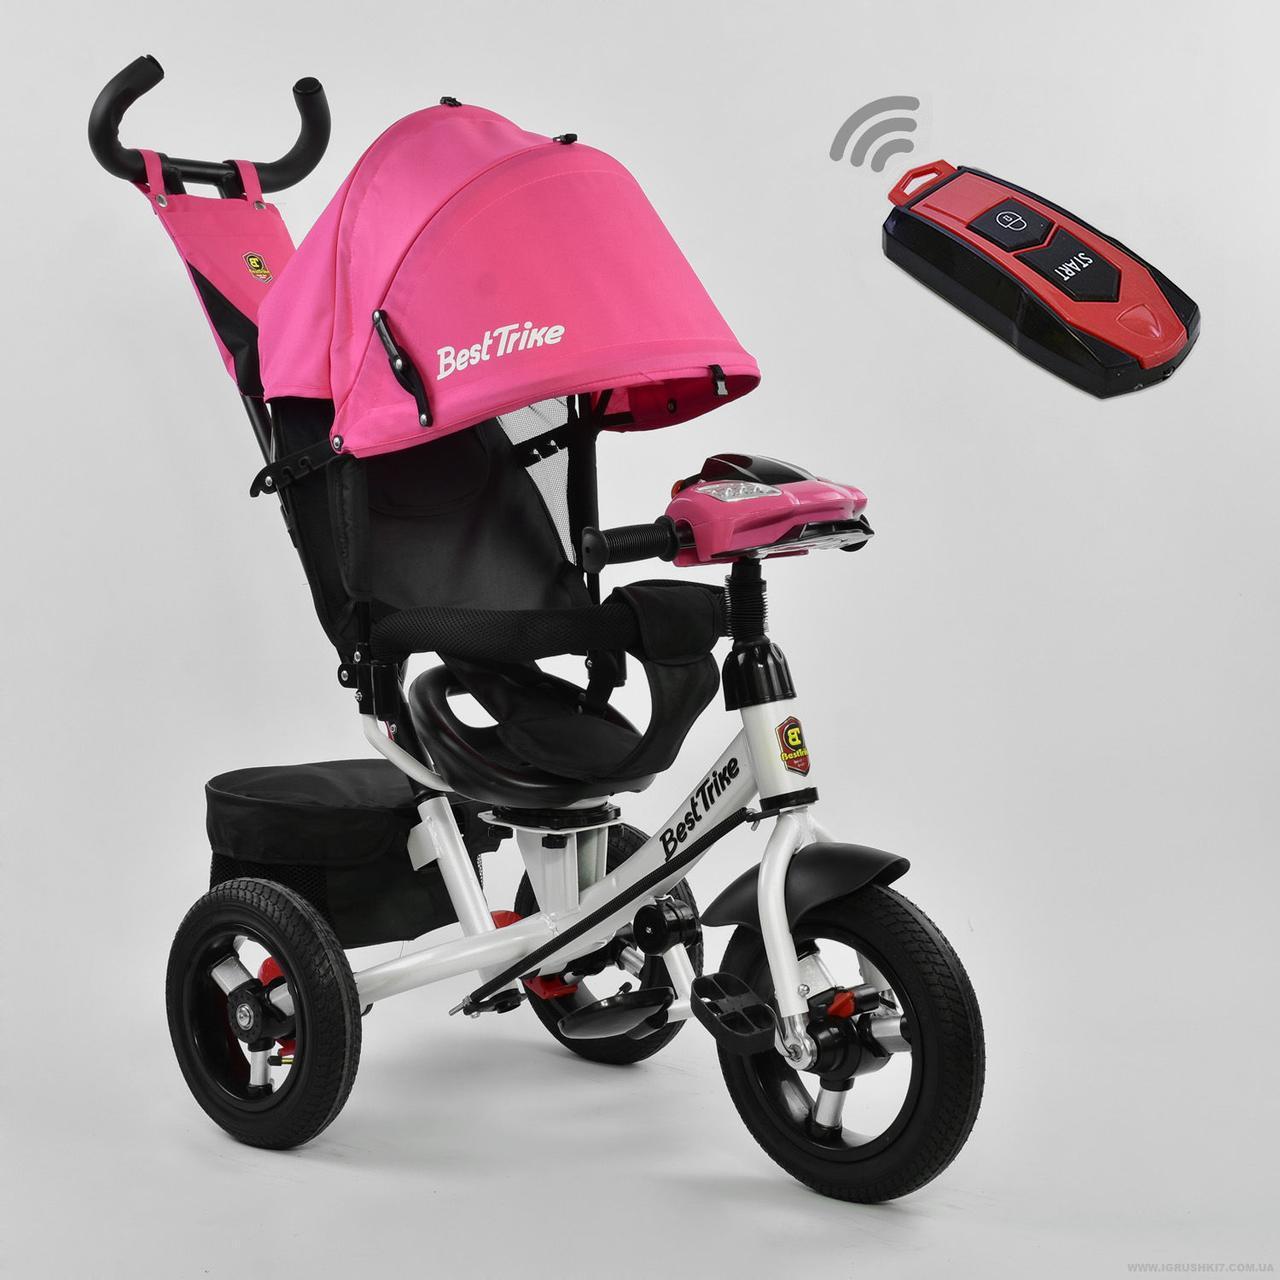 Трехколесный детский велосипед Best Trike (7700 В - 5151) Розовый